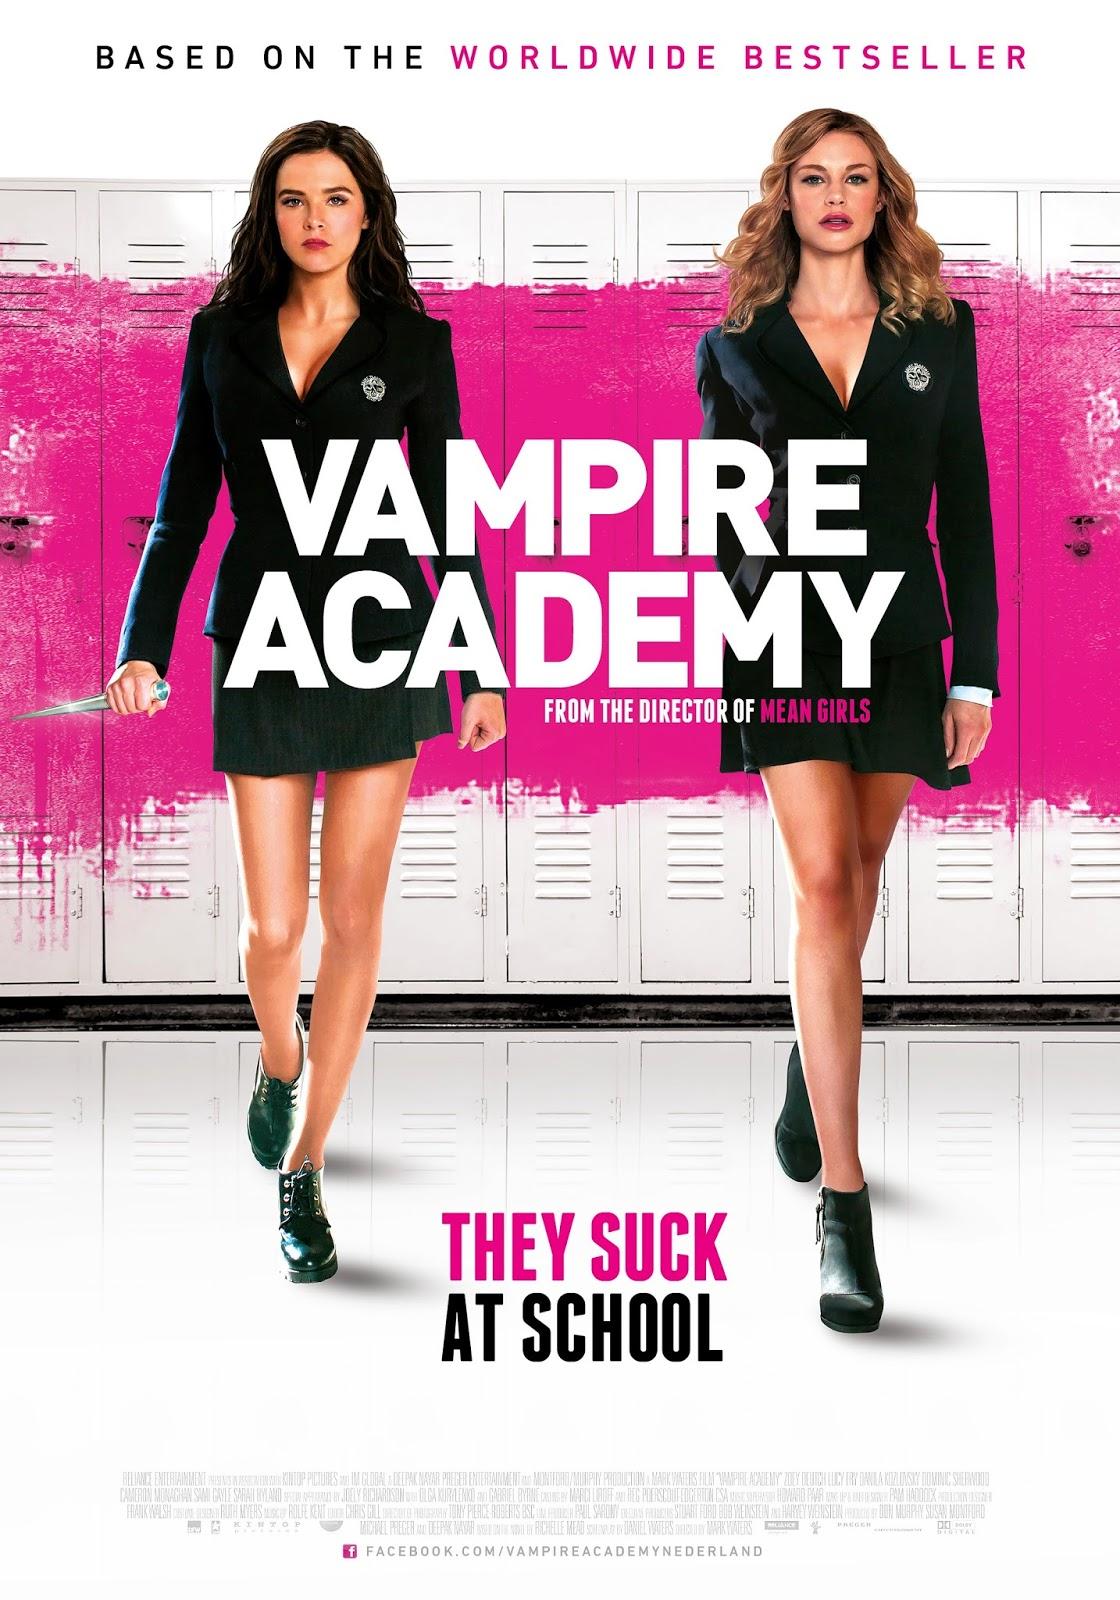 http://www.vampirebeauties.com/2014/06/vampiress-review-vampire-academy.html